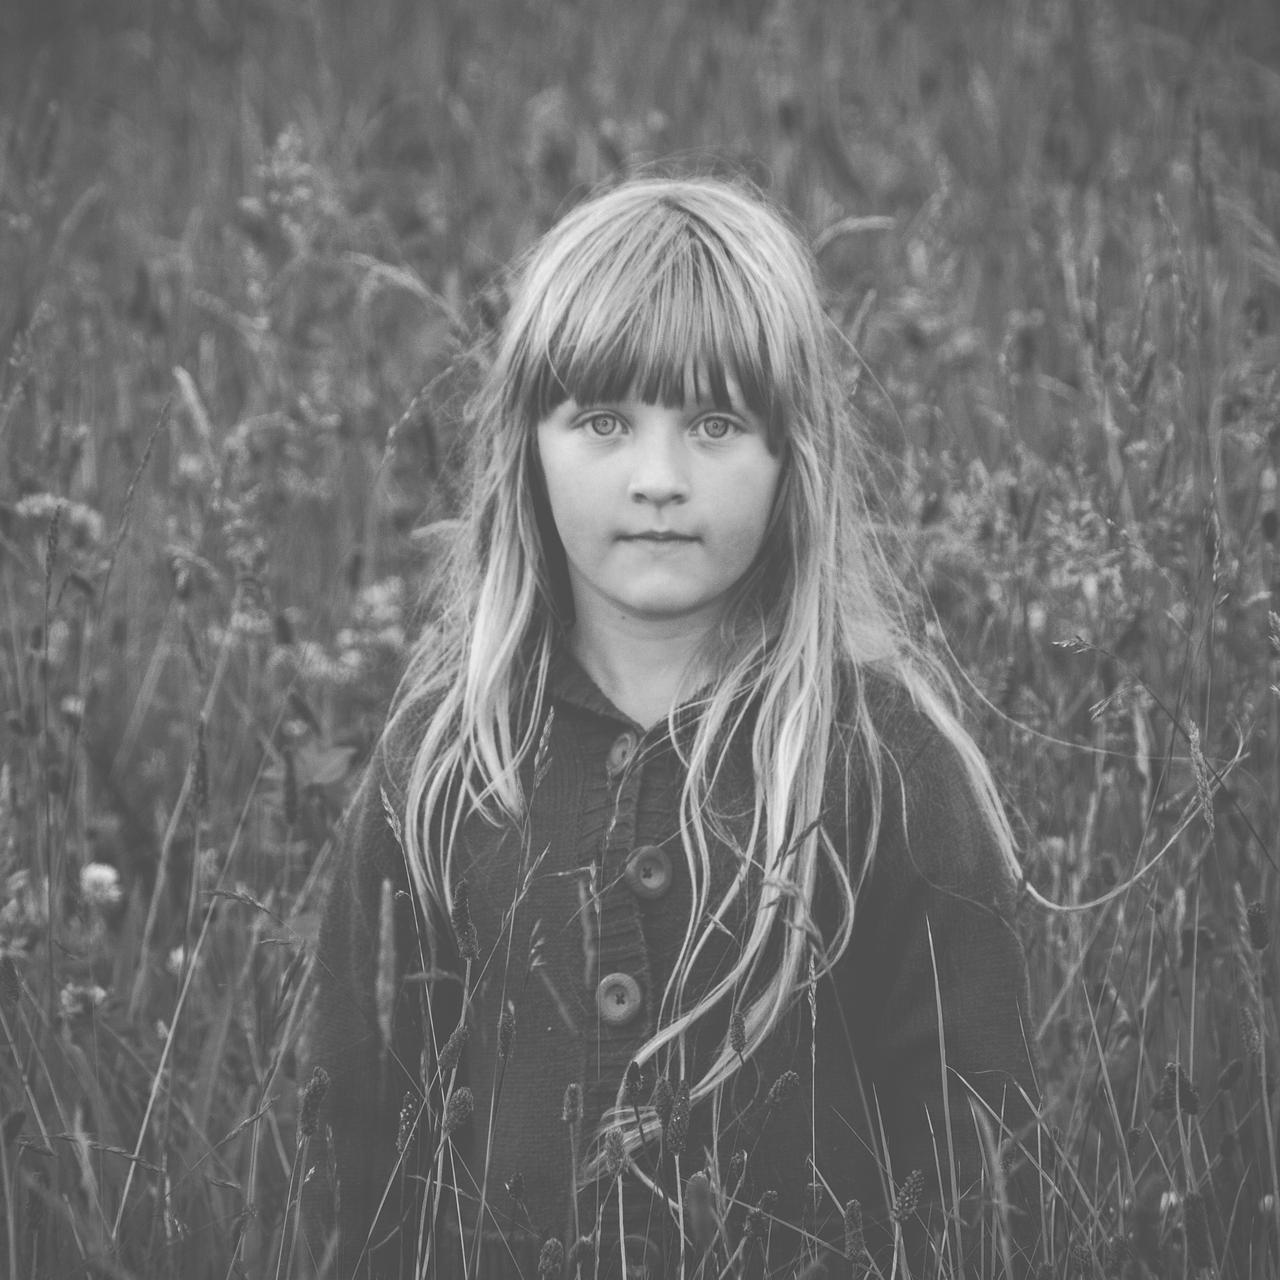 Alyssa Portrait by rickuk73